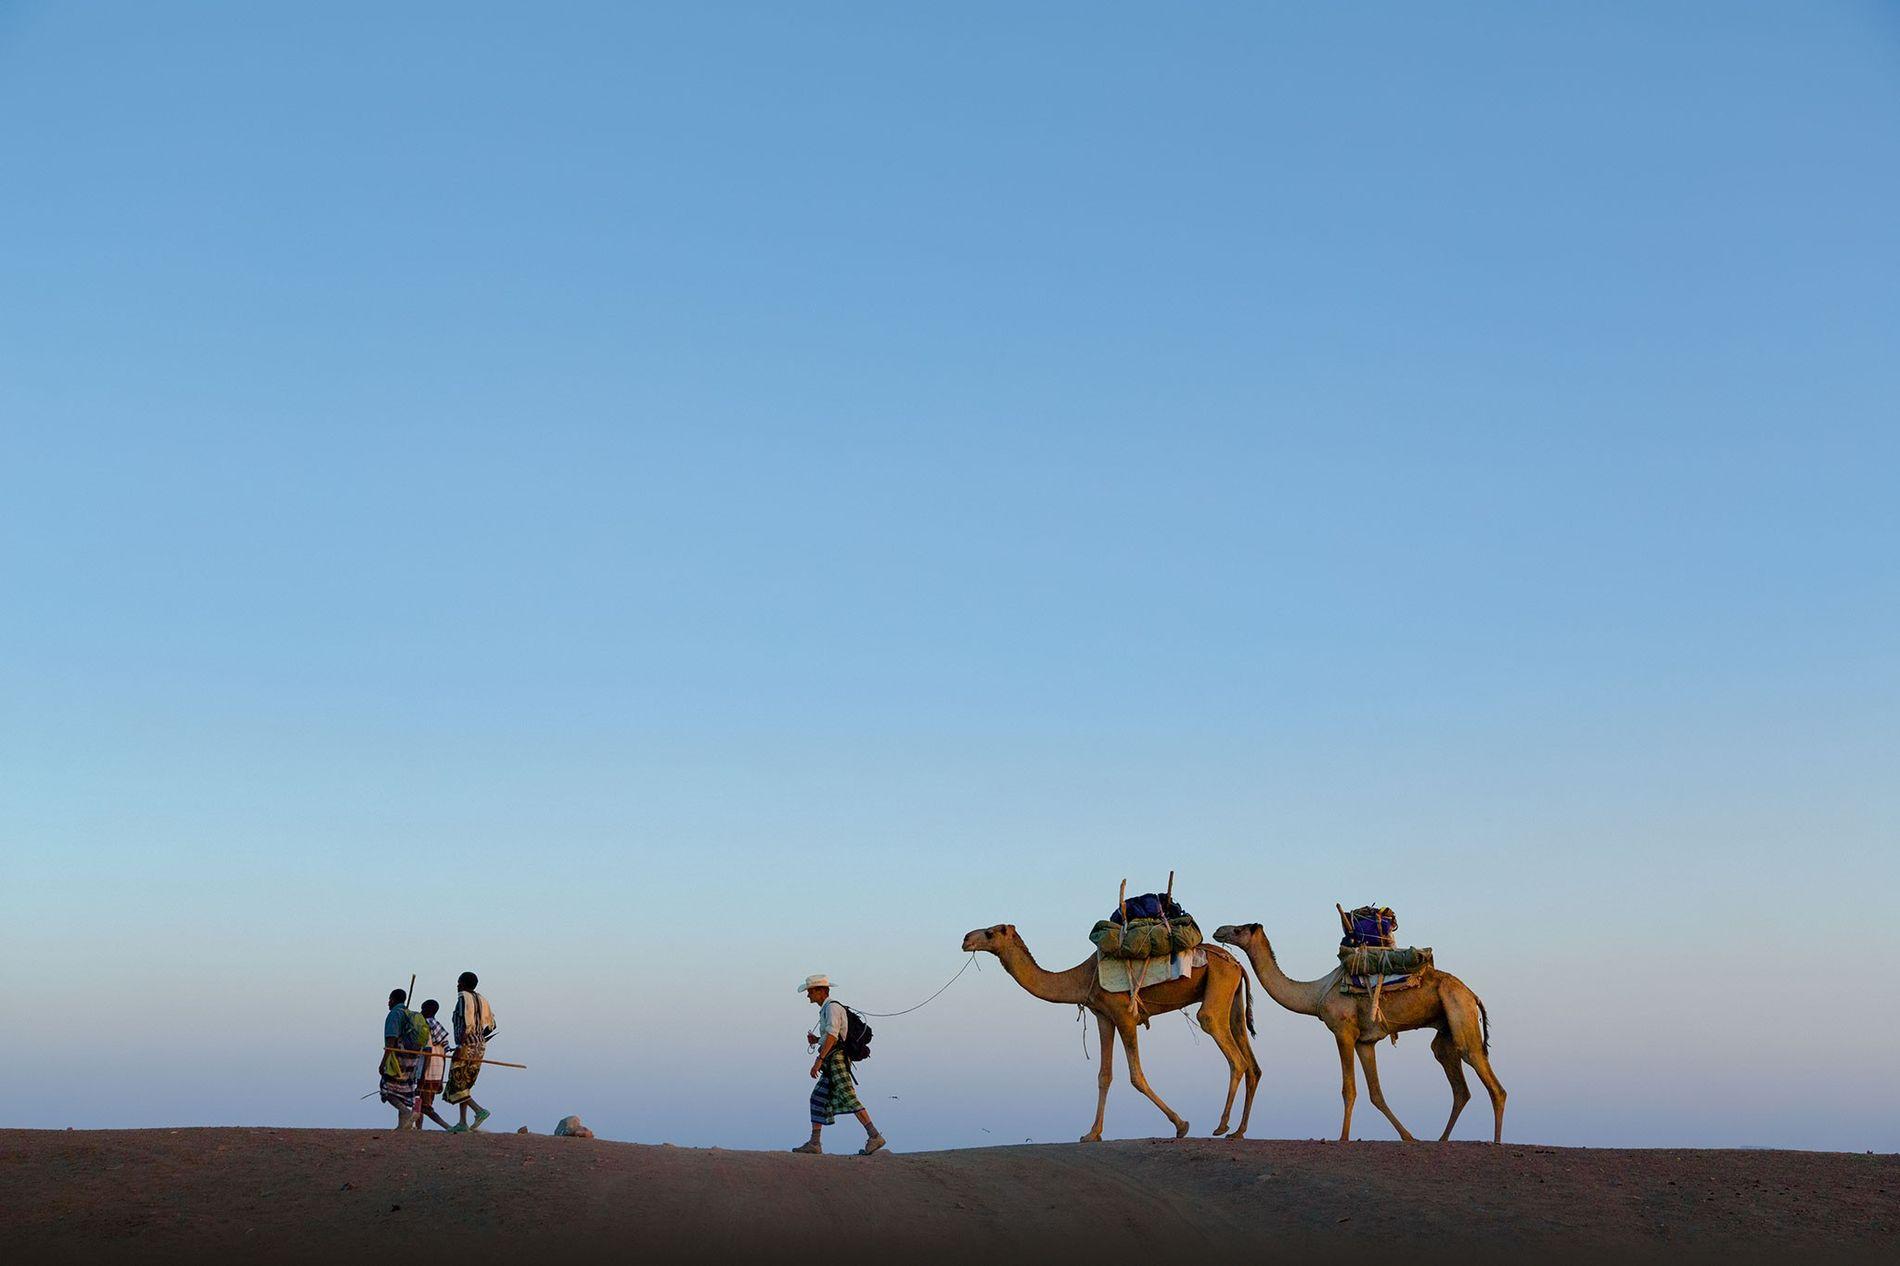 Peu de temps après le départ de Paul Salopek pour son voyage à travers le monde, ...